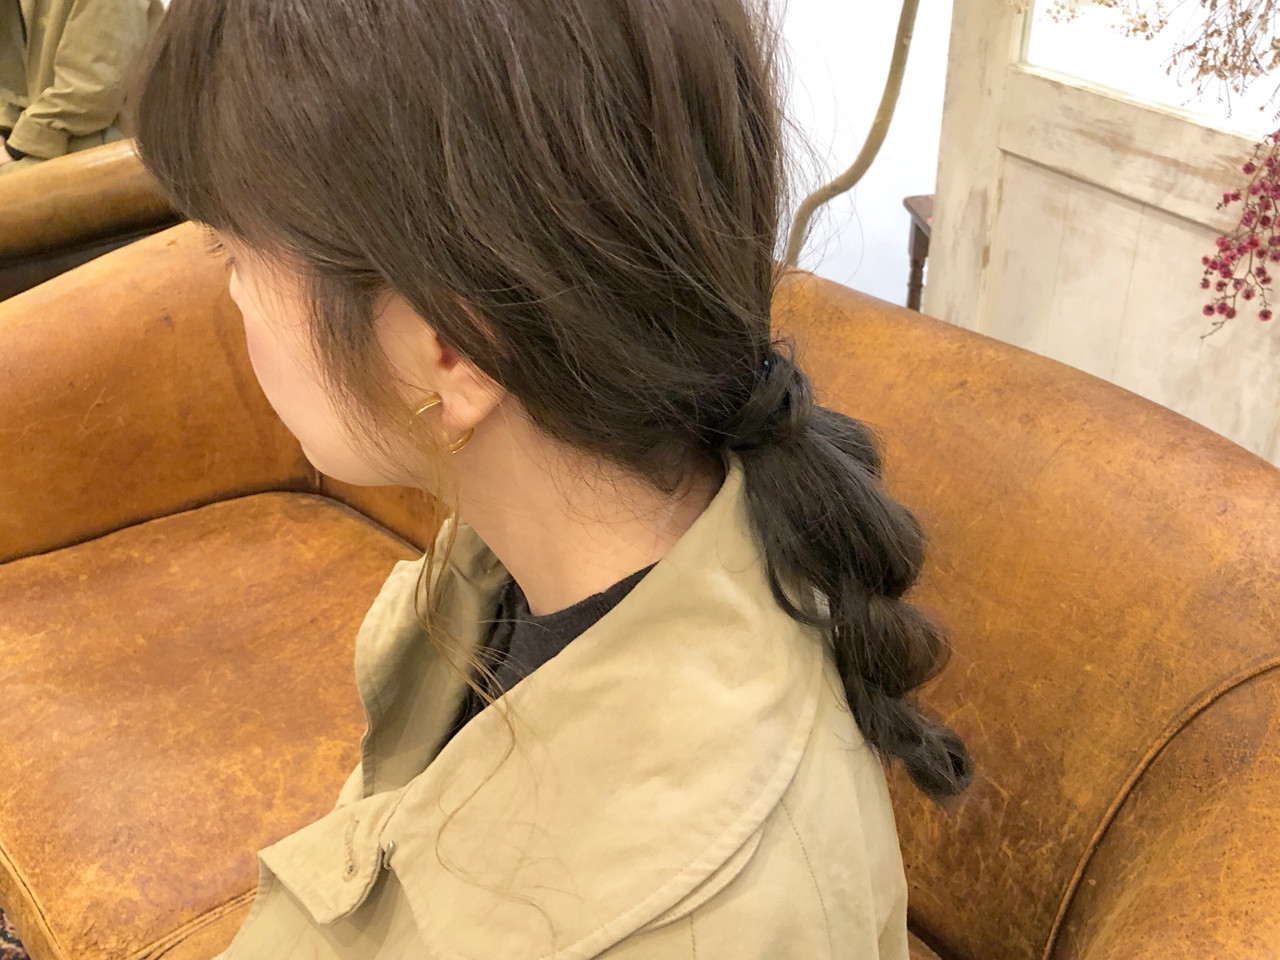 ヘアアレンジ 簡単ヘアアレンジ インナーカラー ブリーチ必須 ヘアスタイルや髪型の写真・画像